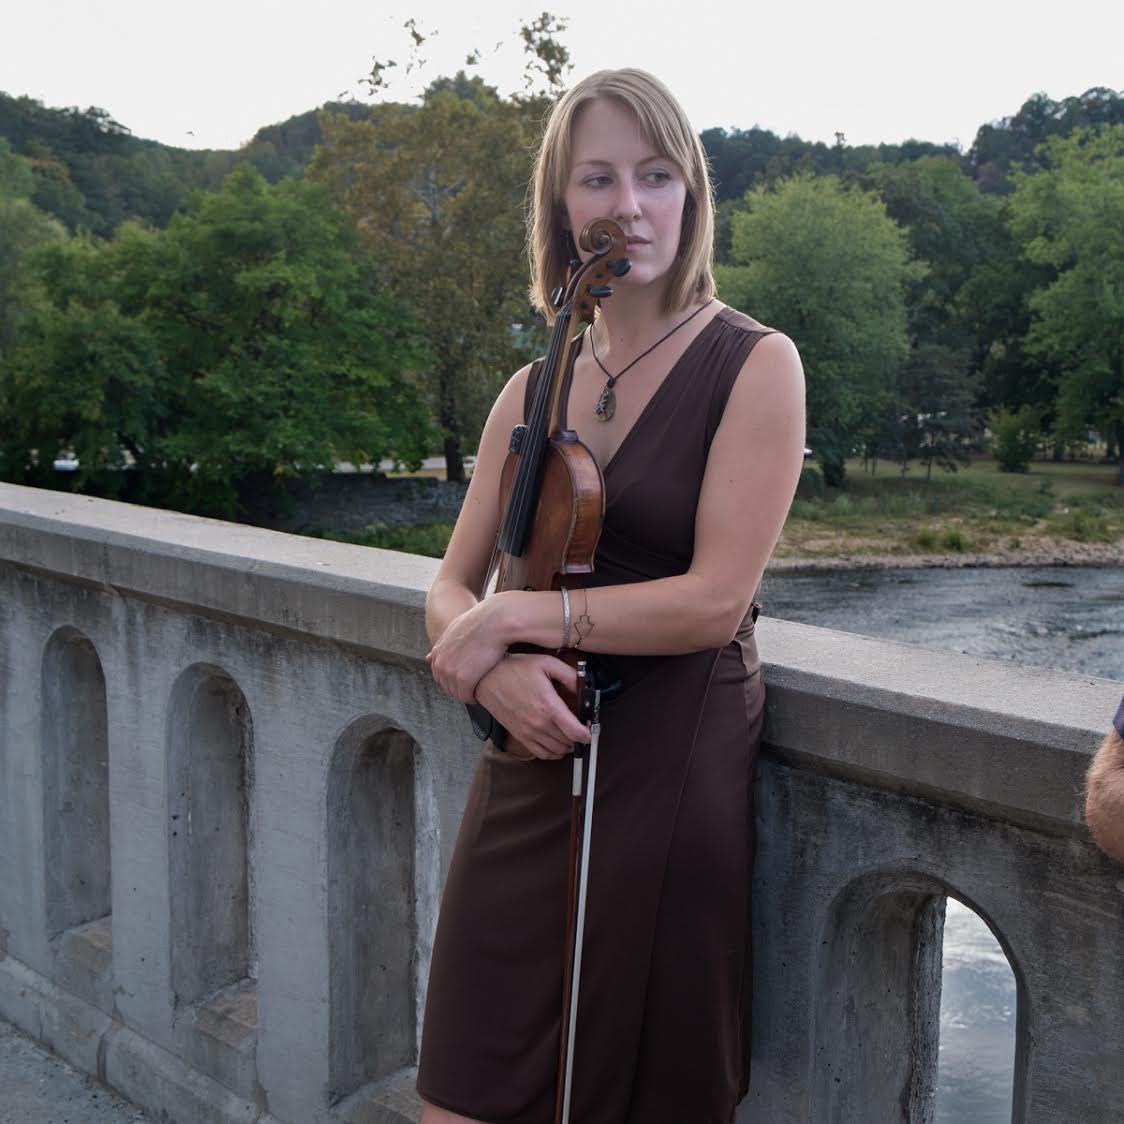 Emma on bridge 2.jpg